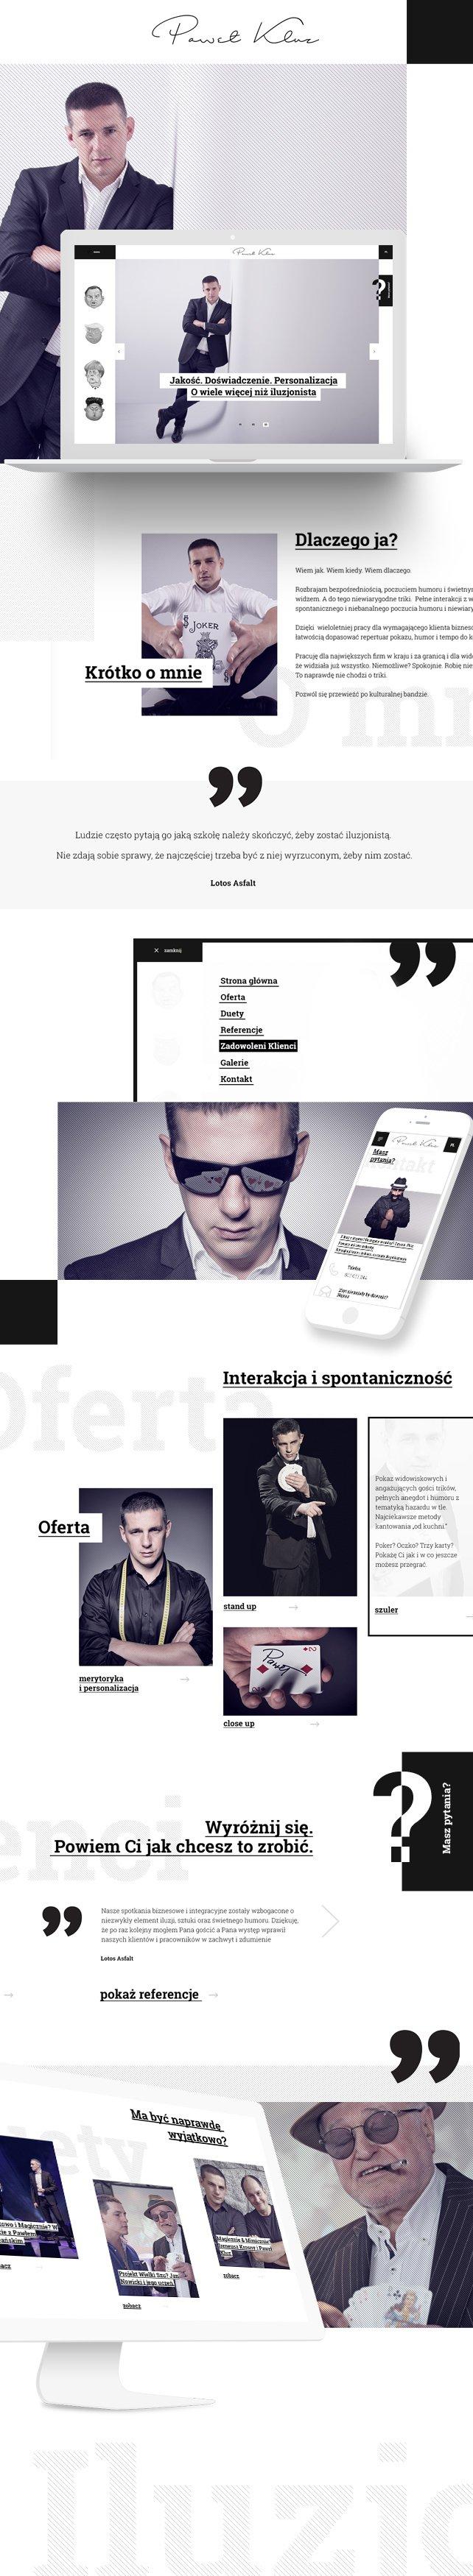 Strona www, projekt graficzny Iluzjonista Paweł Kluz